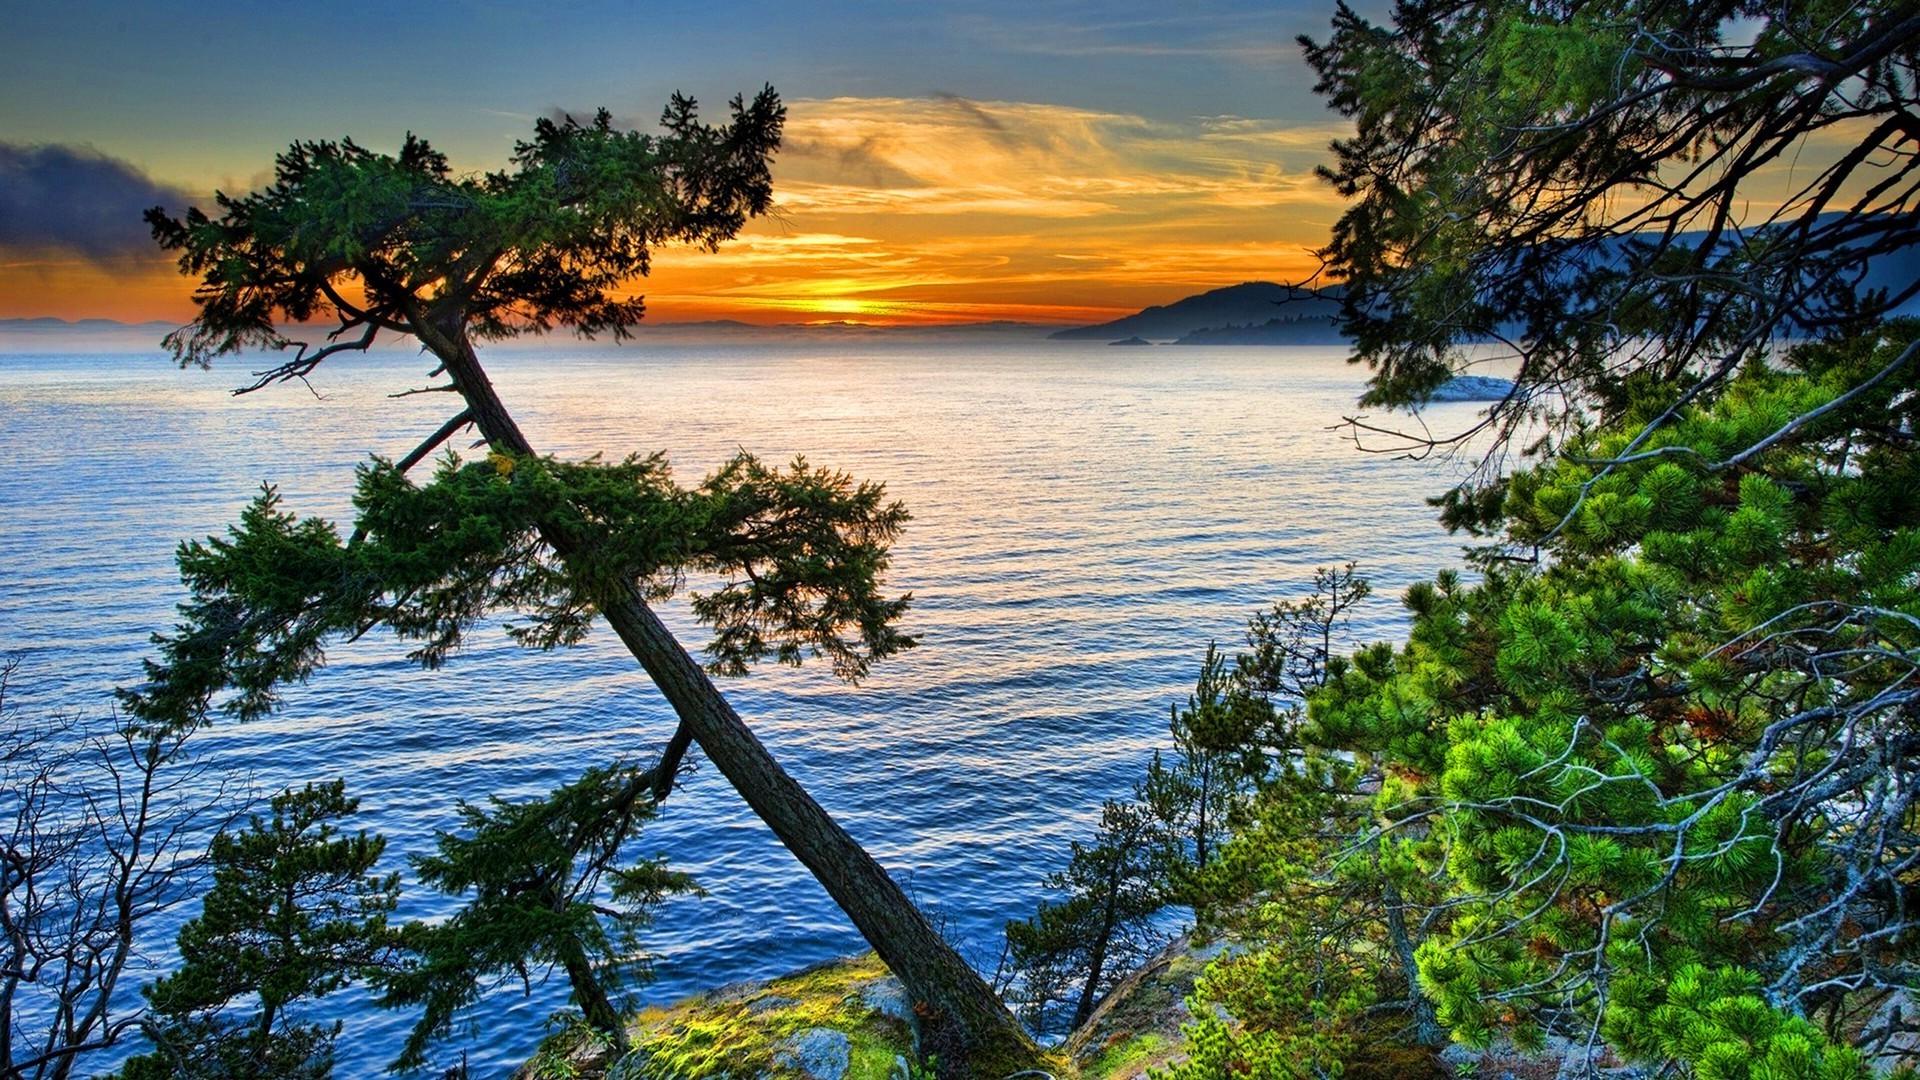 Res: 1920x1080, Lake Sunset Pine Tree Wallpaper Hd